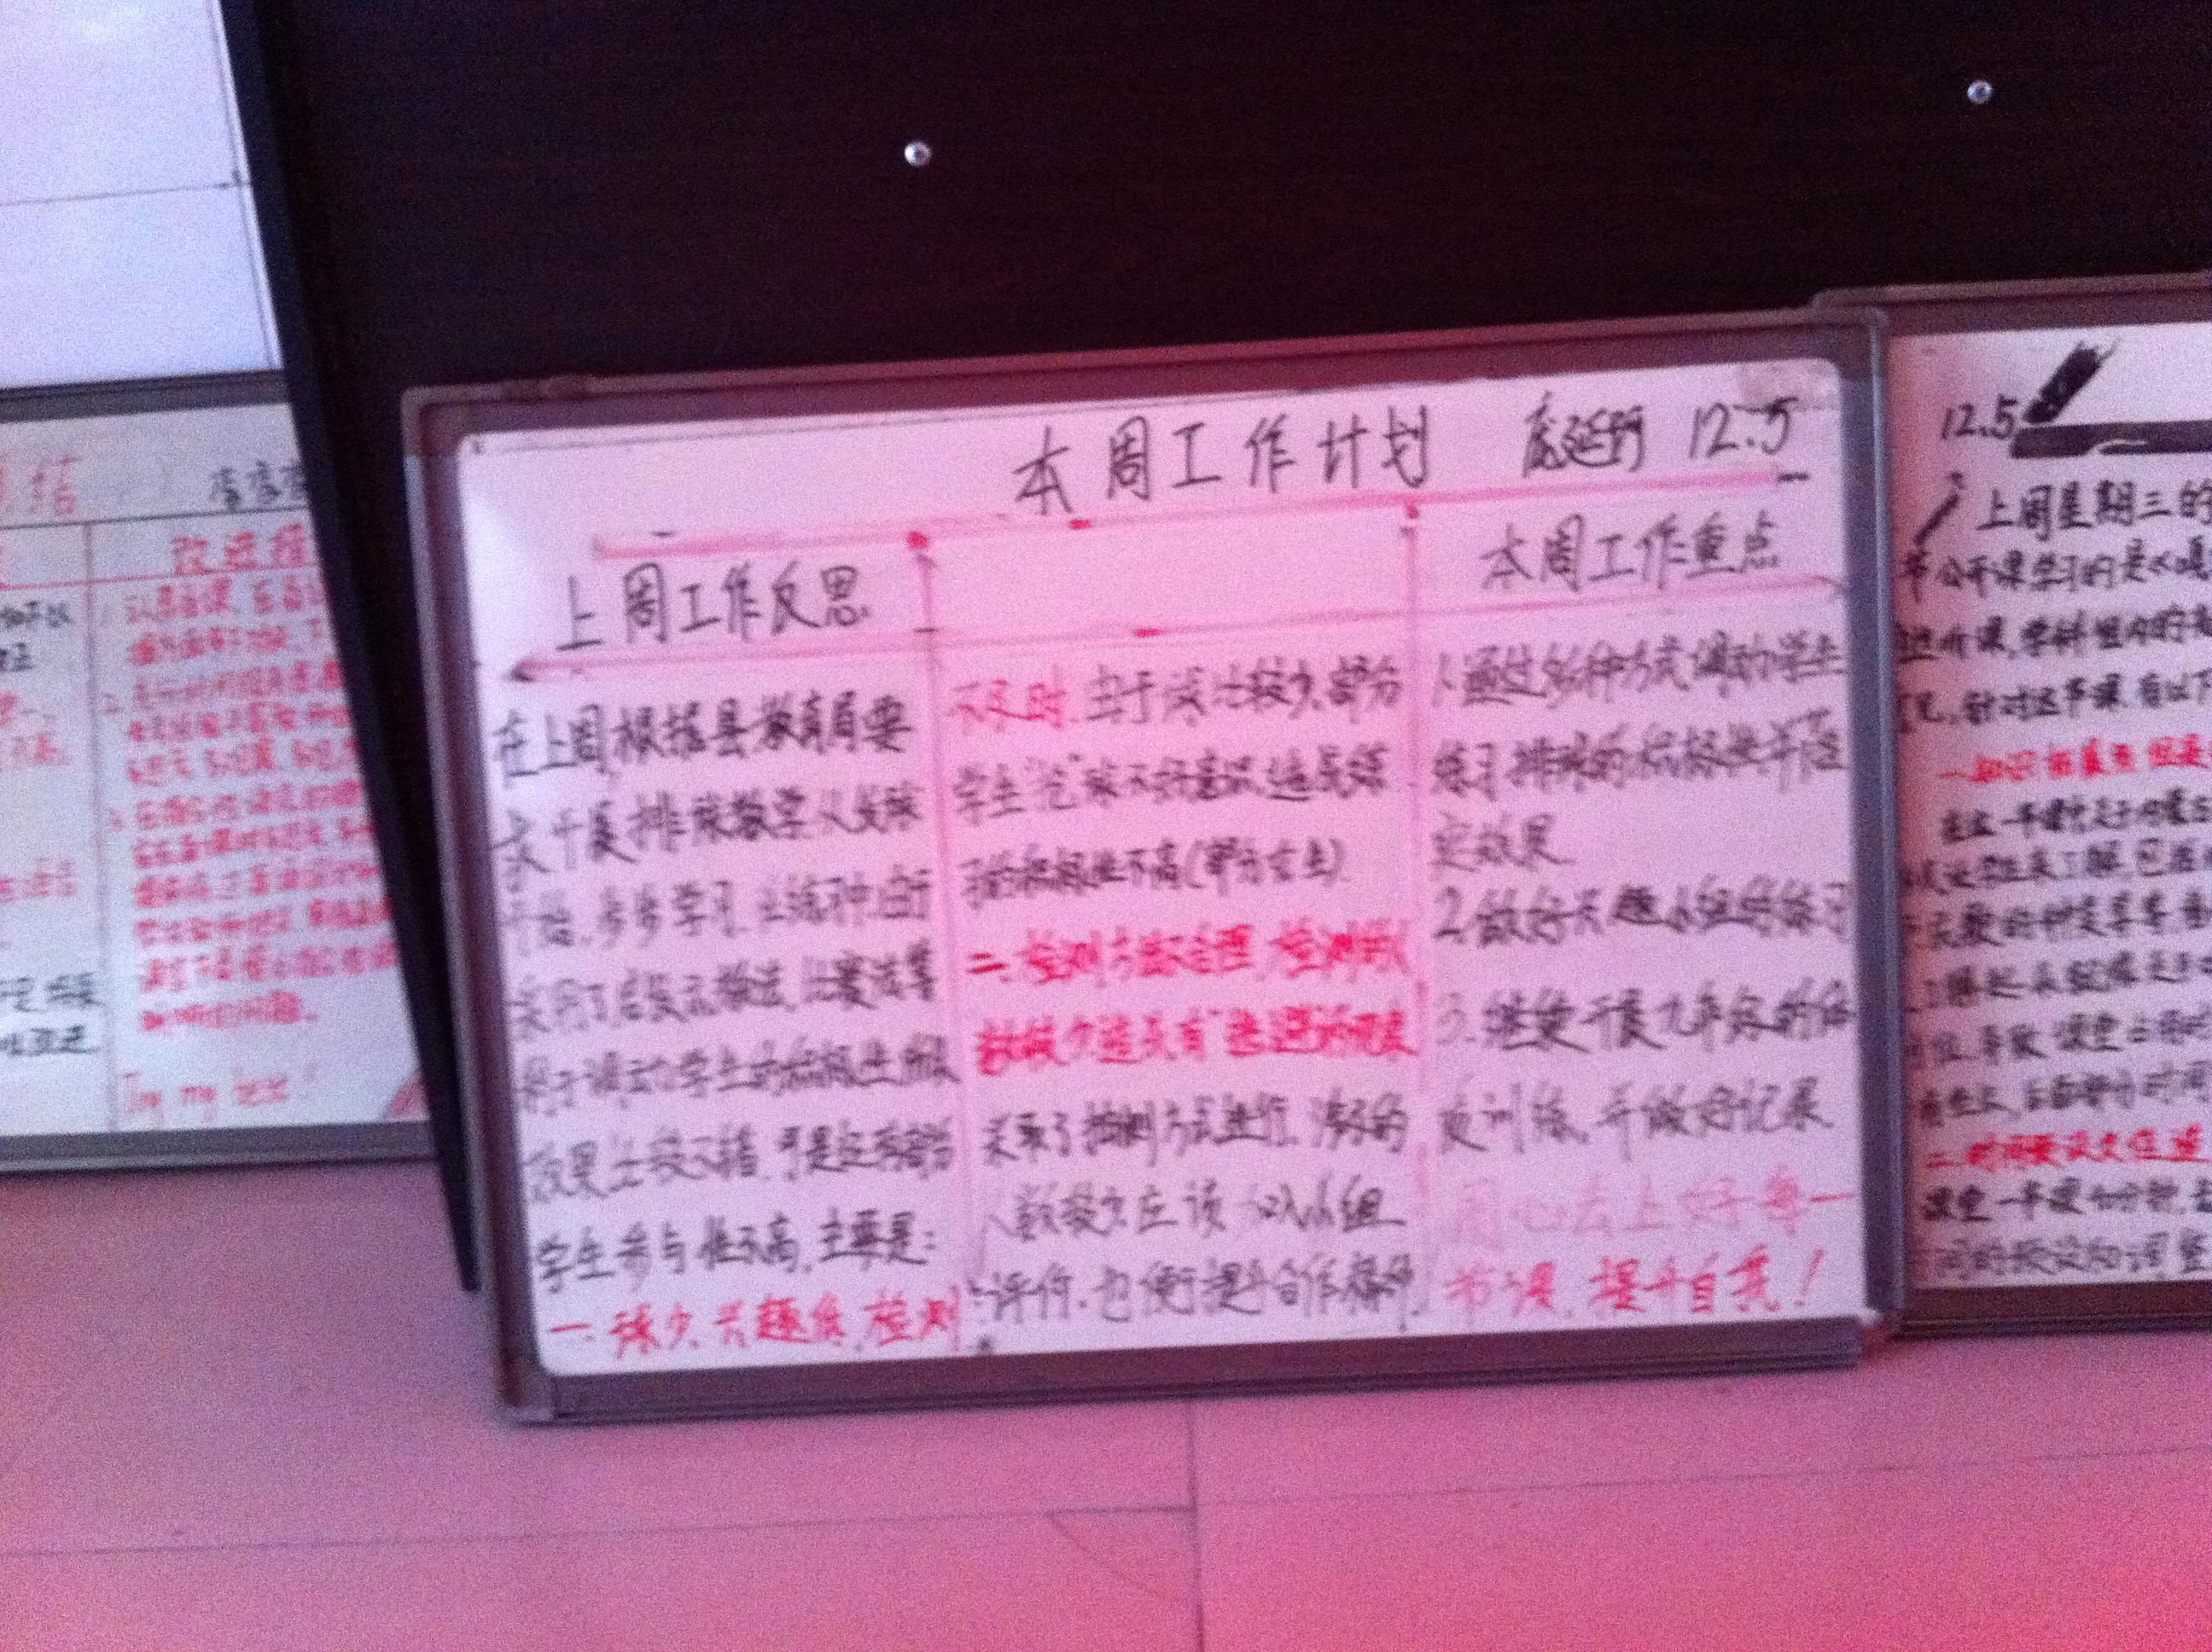 山东省杜郎口中学教师反思板